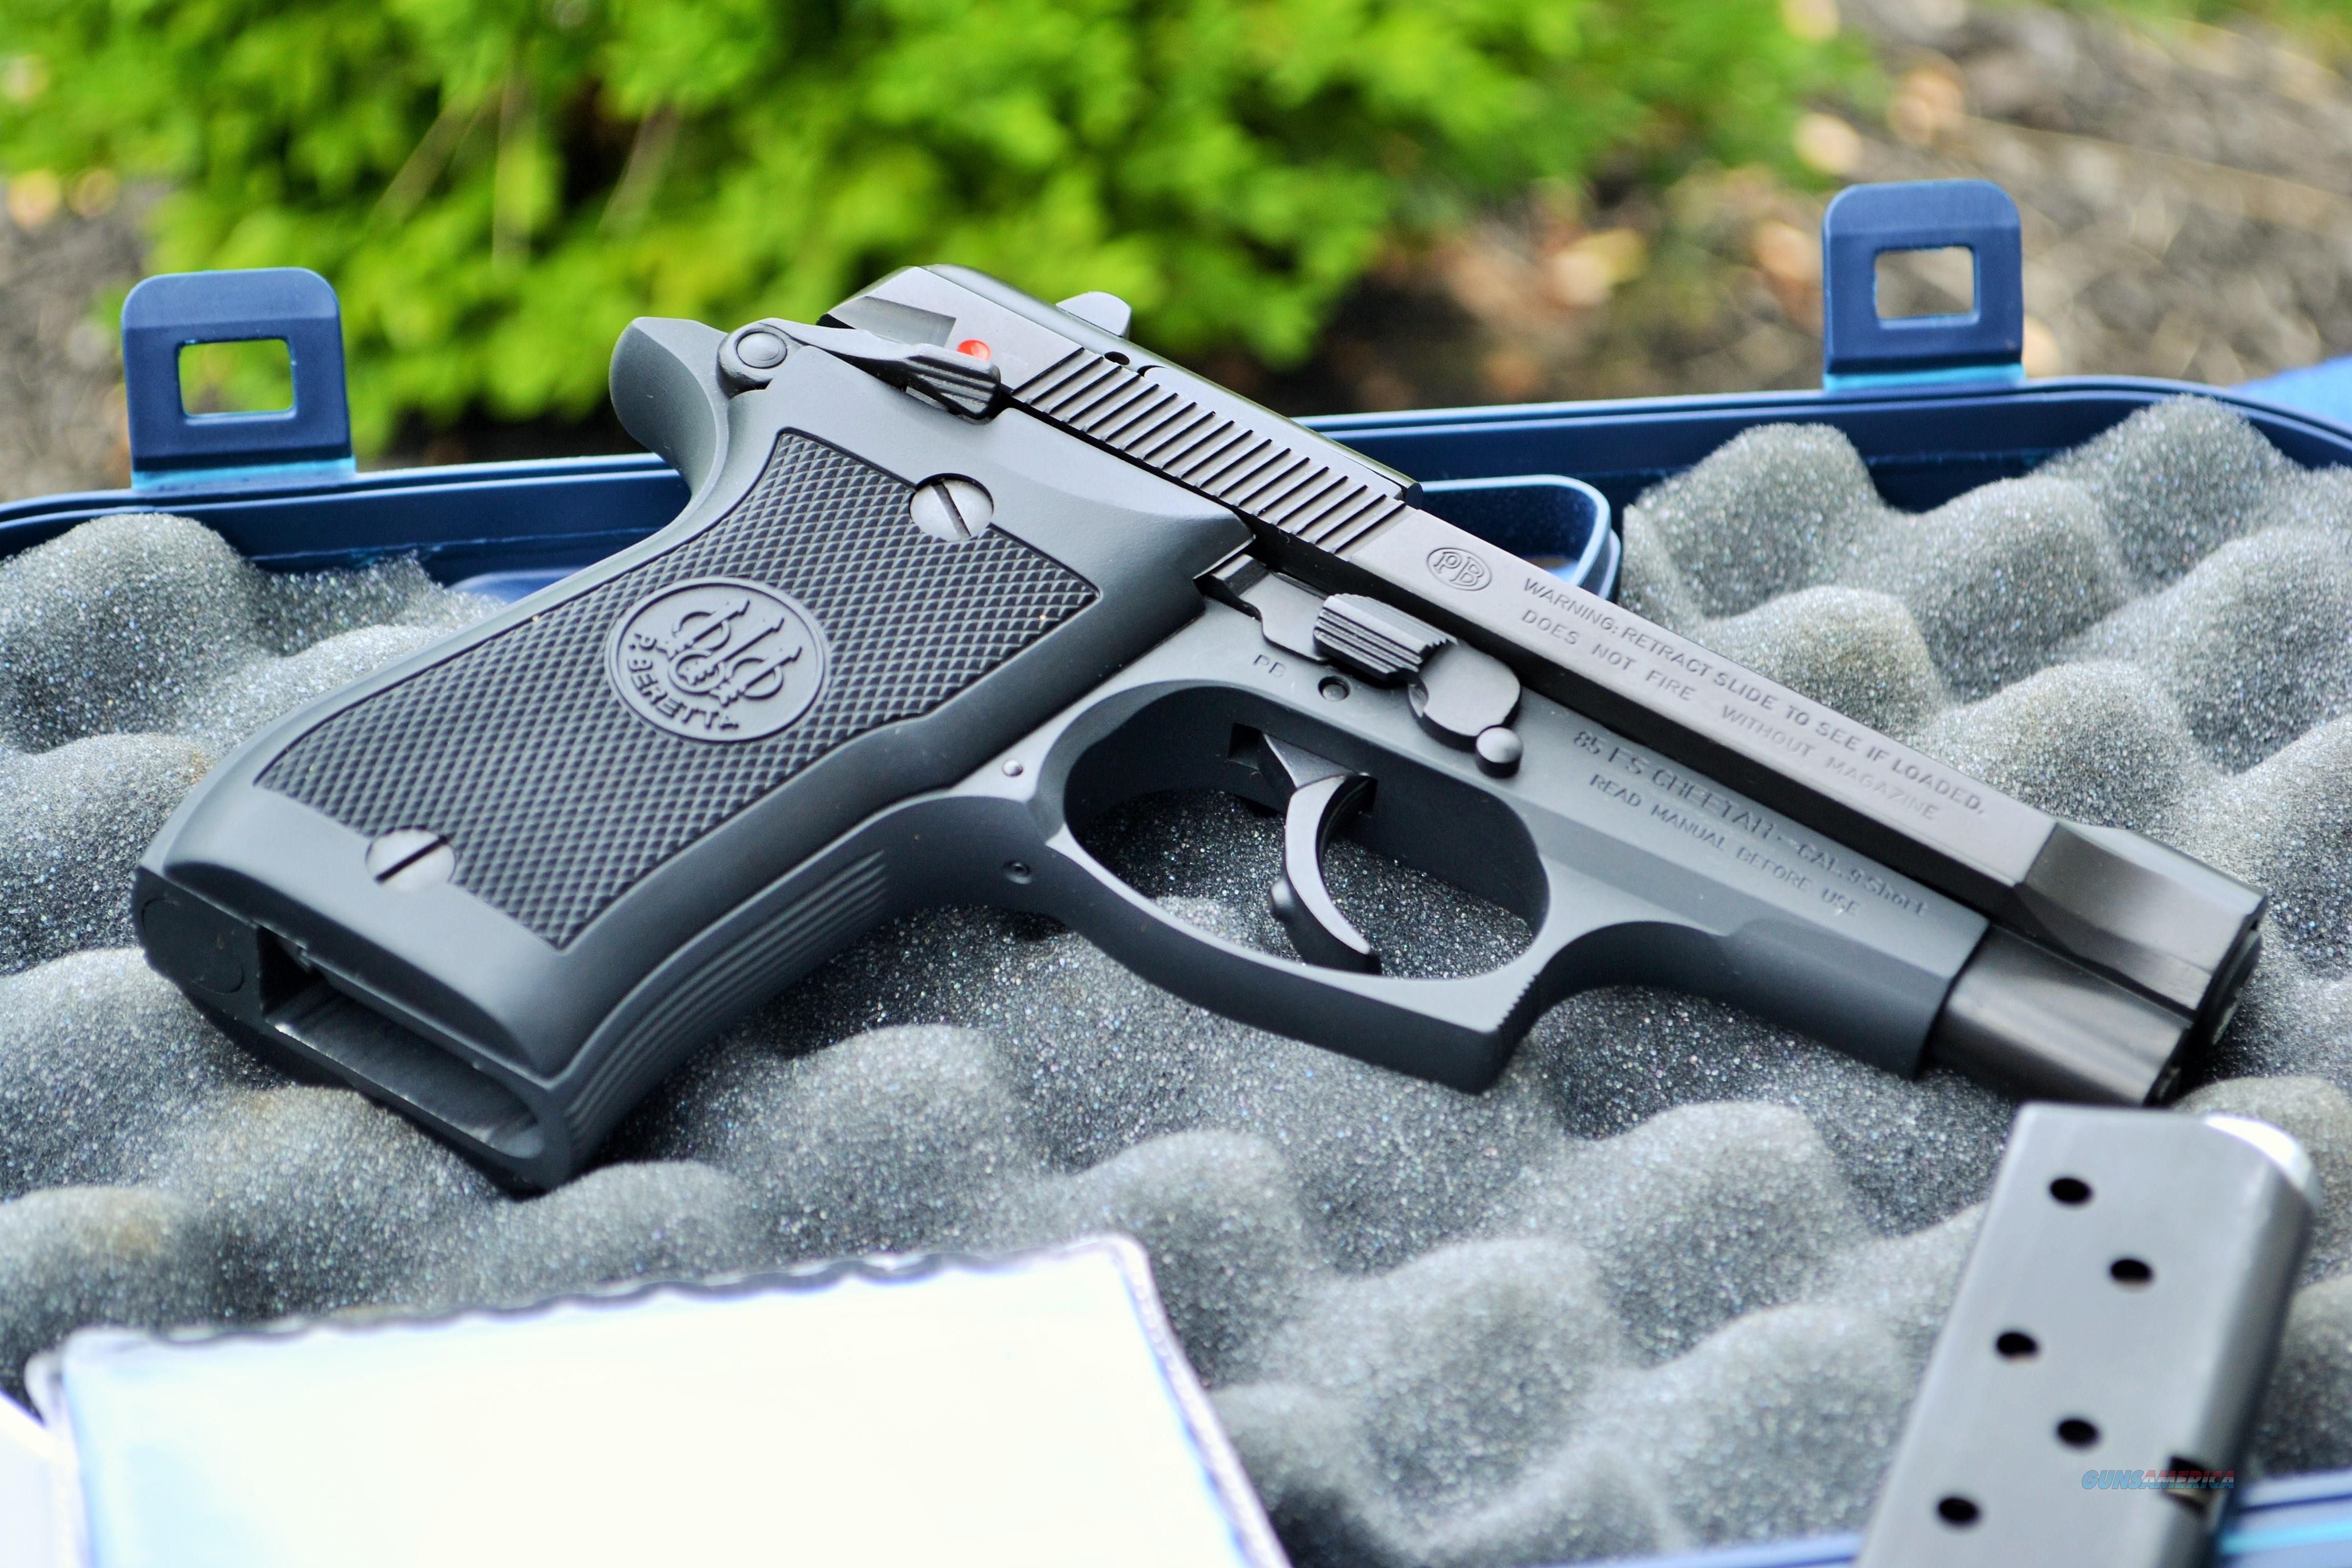 LNIB Beretta 85FS Cheetah 85 FS 380 Case, Papers